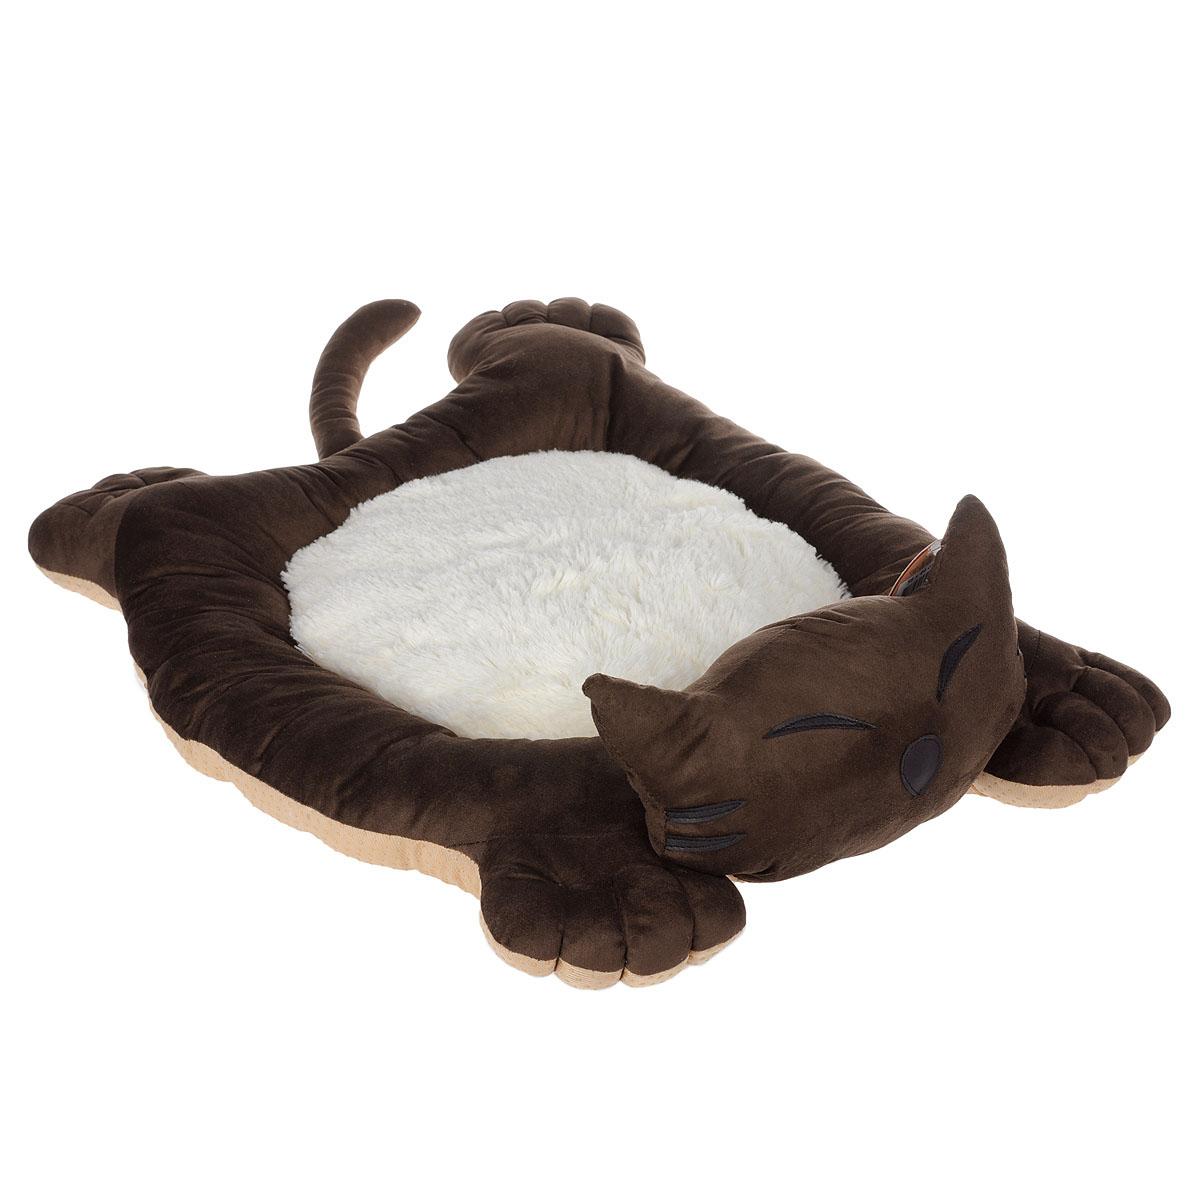 Лежак для собак и кошек I.P.T.S. Sylvester, цвет: коричневый, белый, 56 см х 44 см х 14,5 см19208Мягкий и уютный лежак для кошек и собак I.P.T.S. Sylvester обязательно понравится вашему питомцу. Лежак выполнен в виде кота. Он изготовлен из нежного, приятного материала. Внутри - мягкий наполнитель, который не теряет своей формы долгое время. Мягкий, приятный и теплый лежак обеспечит вашему любимцу уют и комфорт. Подходит как для кошек, так и для маленьких, карликовых пород собак. За изделием легко ухаживать, можно стирать вручную или в стиральной машине при температуре 30°С. Материал бортиков: искусственная замша. Материал матрасика: плюш. Наполнитель: полифибер. Товар сертифицирован.